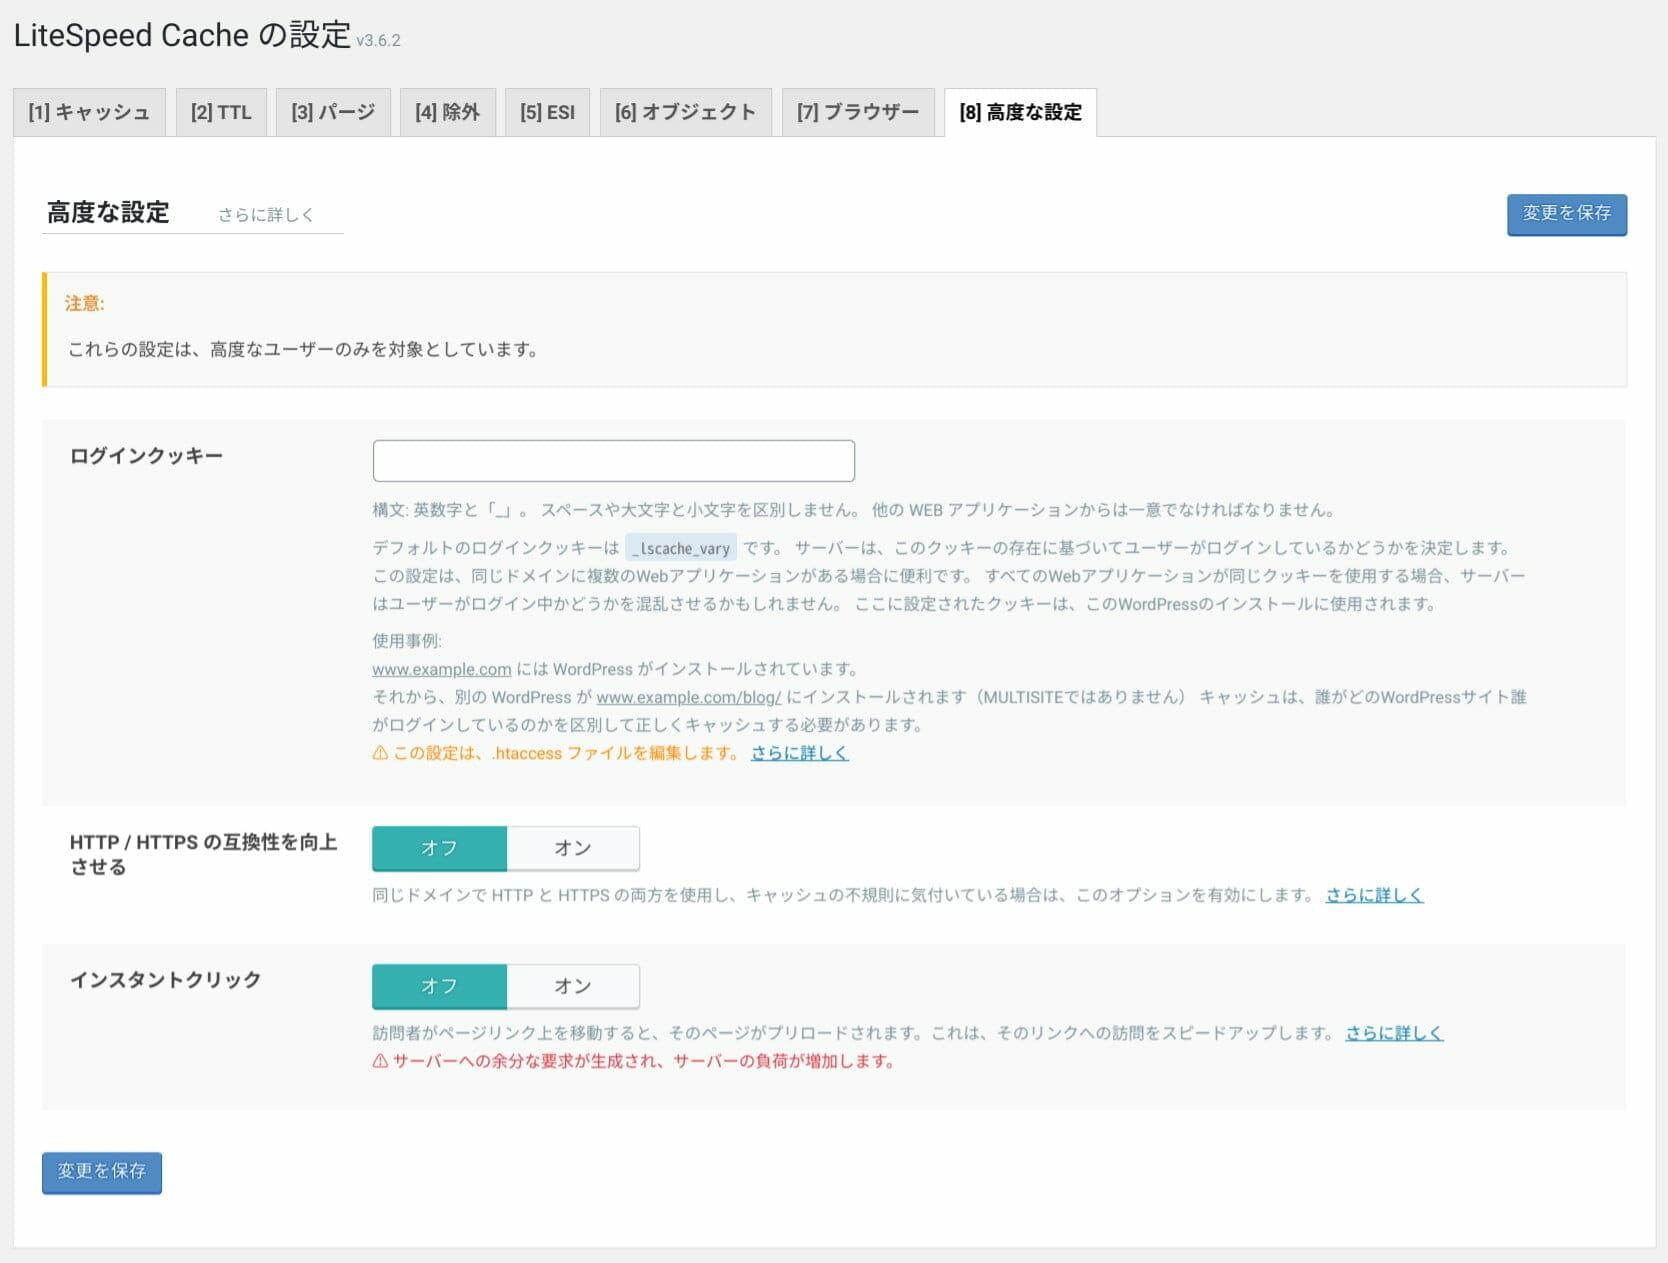 LiteSpeed Cache:キャッシュ設定:高度な設定